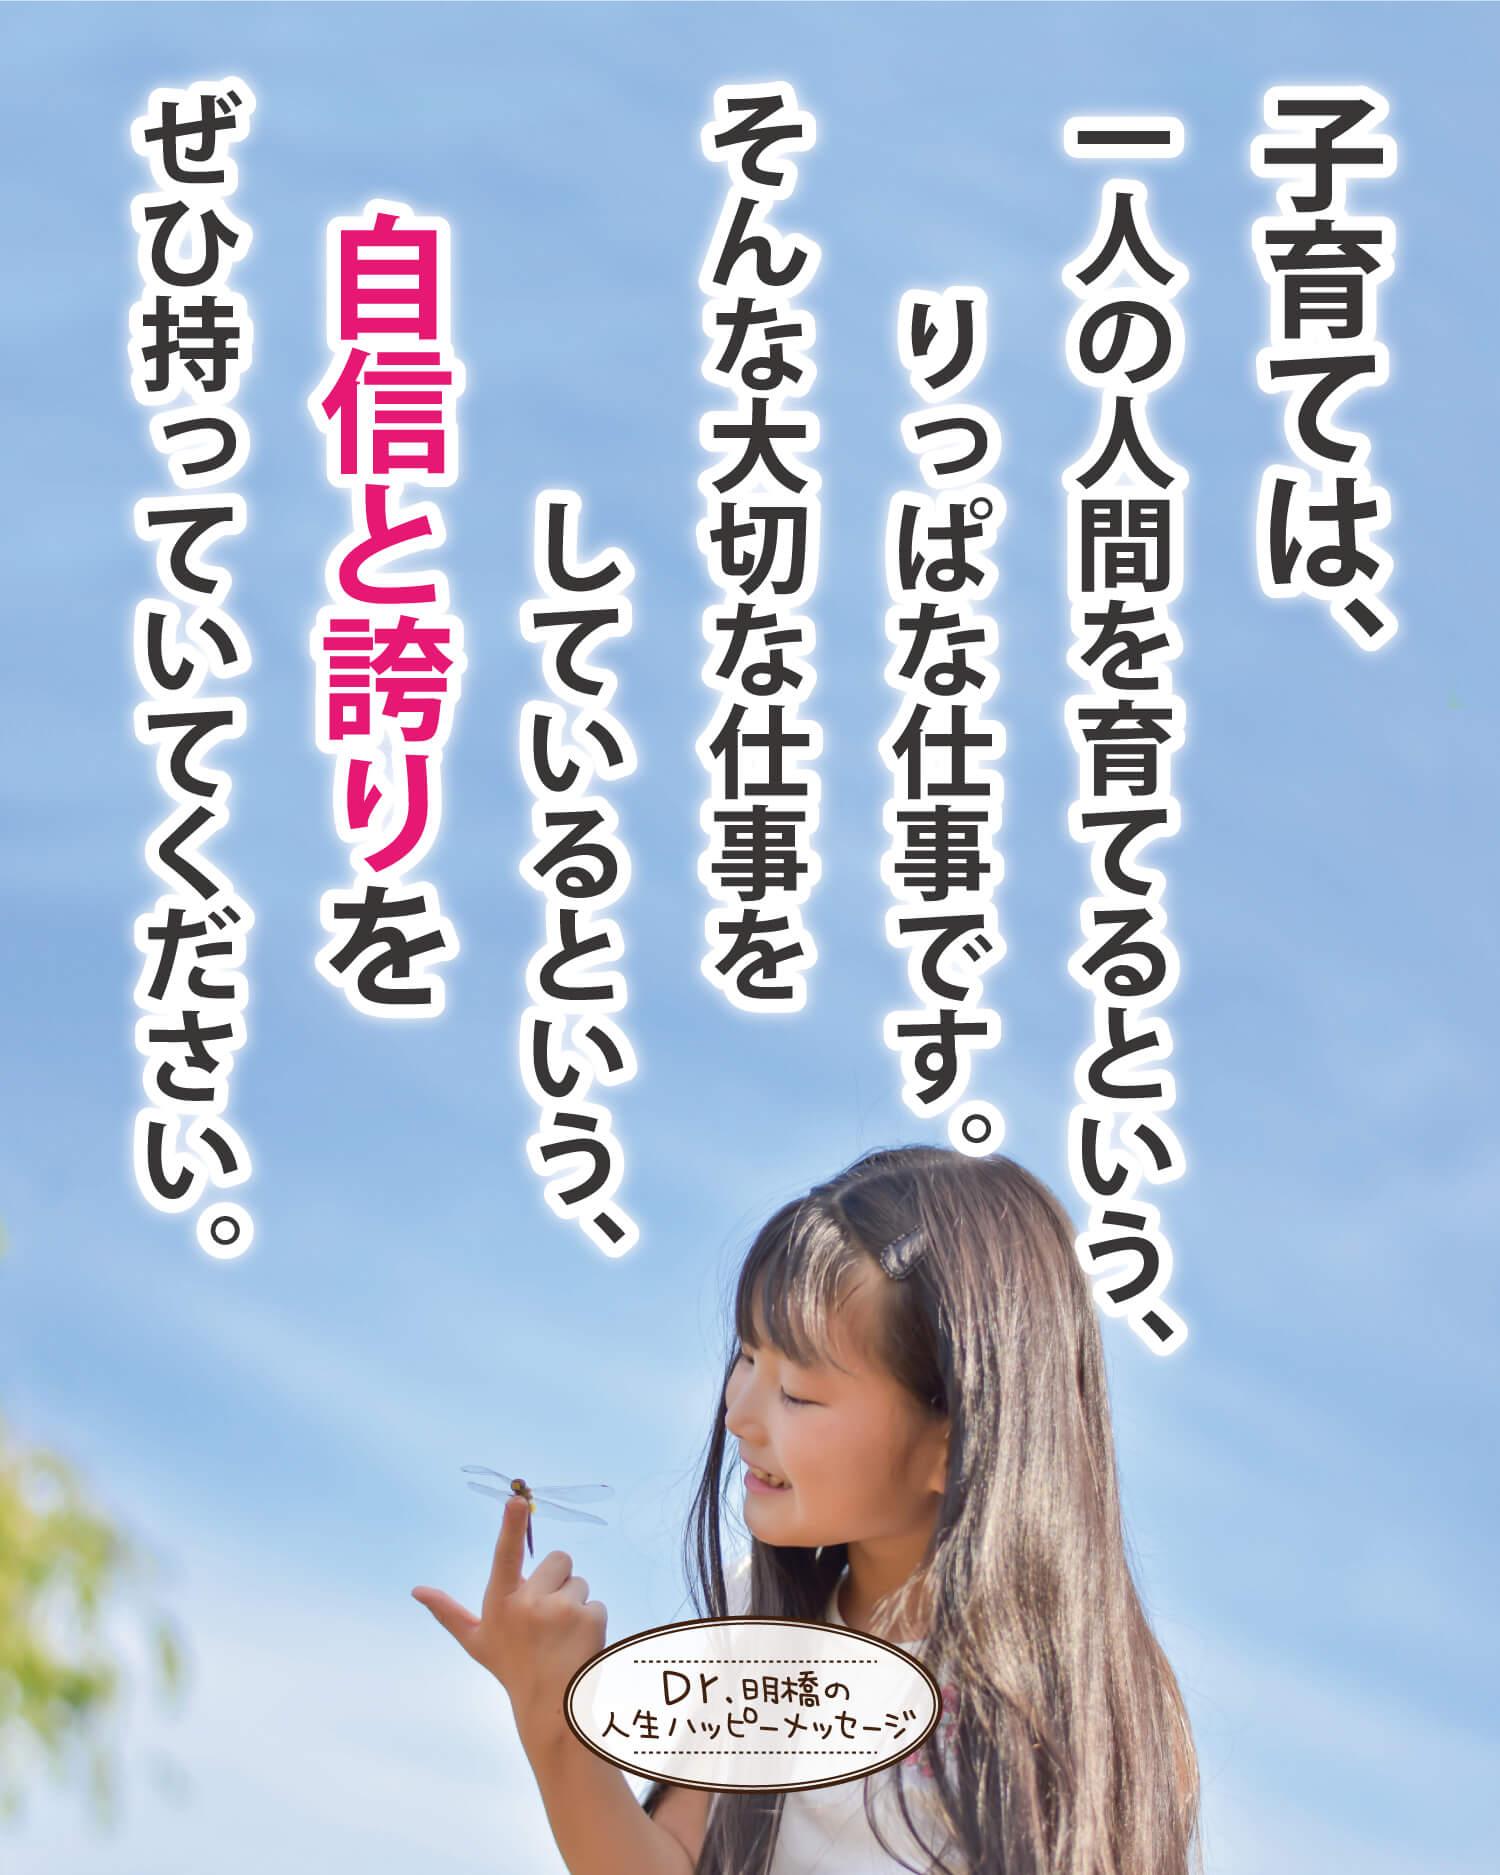 4月16日ハッピーメッセージの画像1